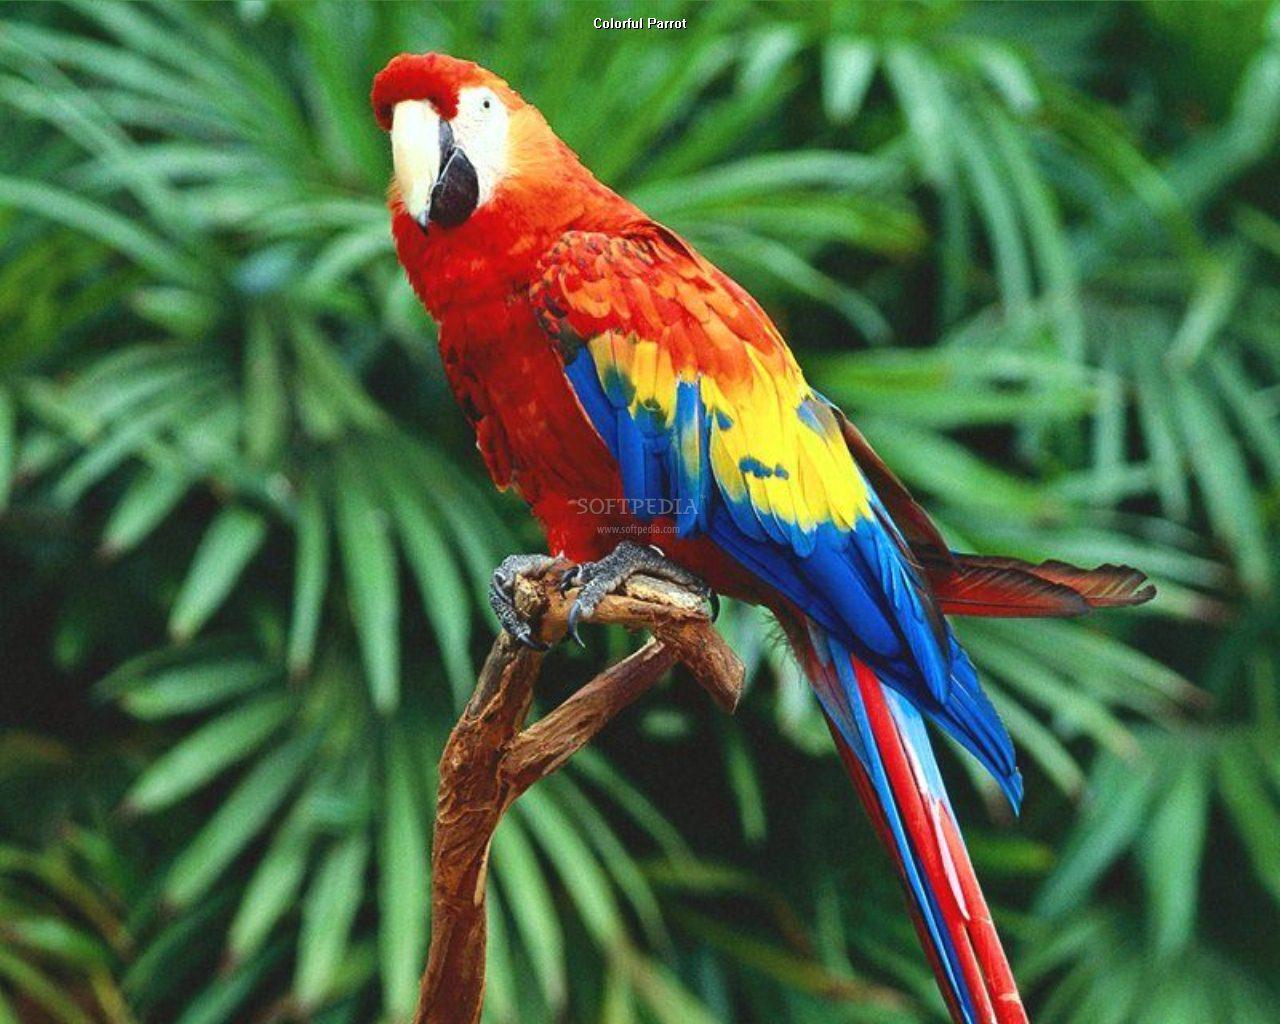 pictures top ten beautiful birds top 10 parrot wallpaper parrot 1280x1024